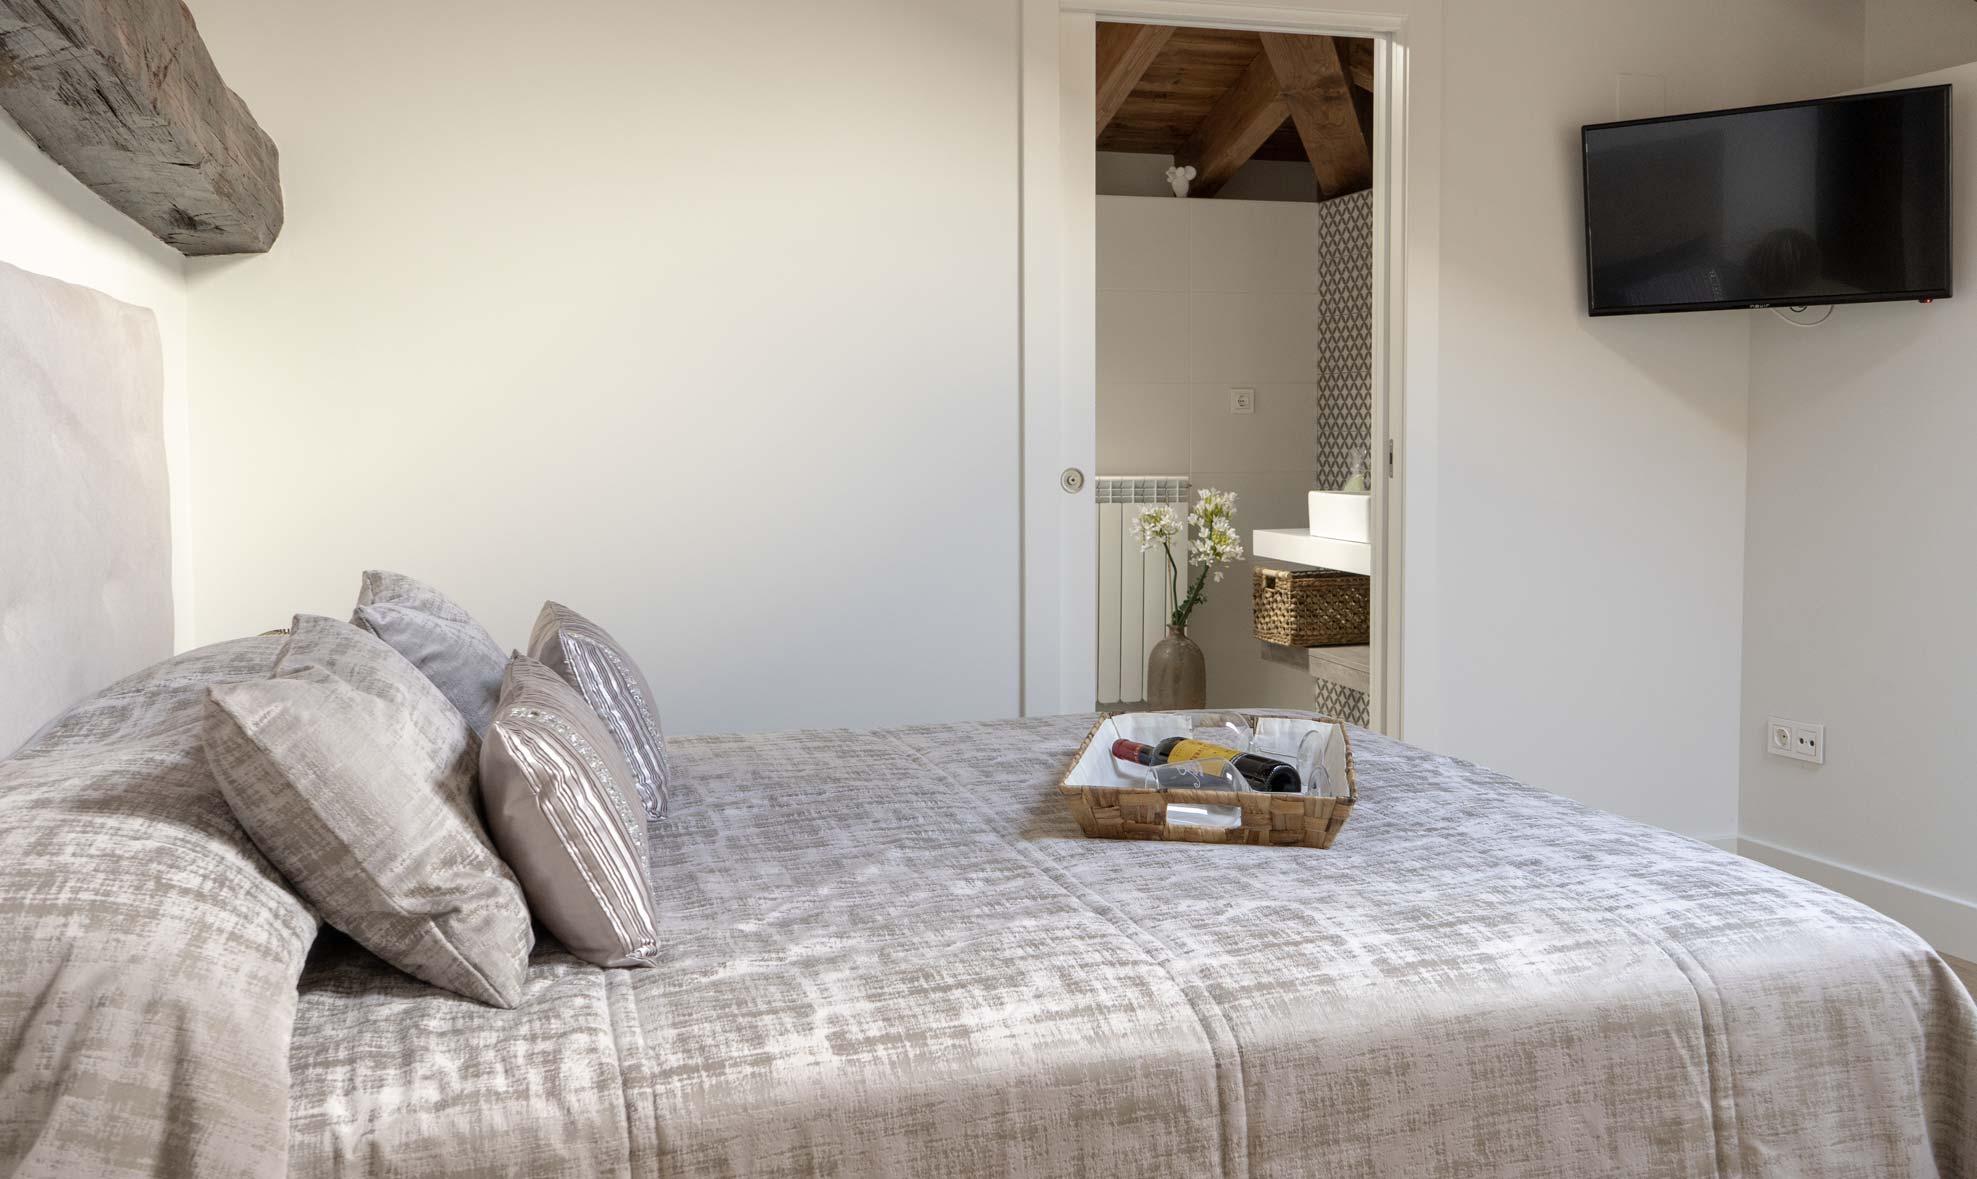 Habitación para dos personas con cama para dos y baño privado, situada en la segunda planta de la casa rural.